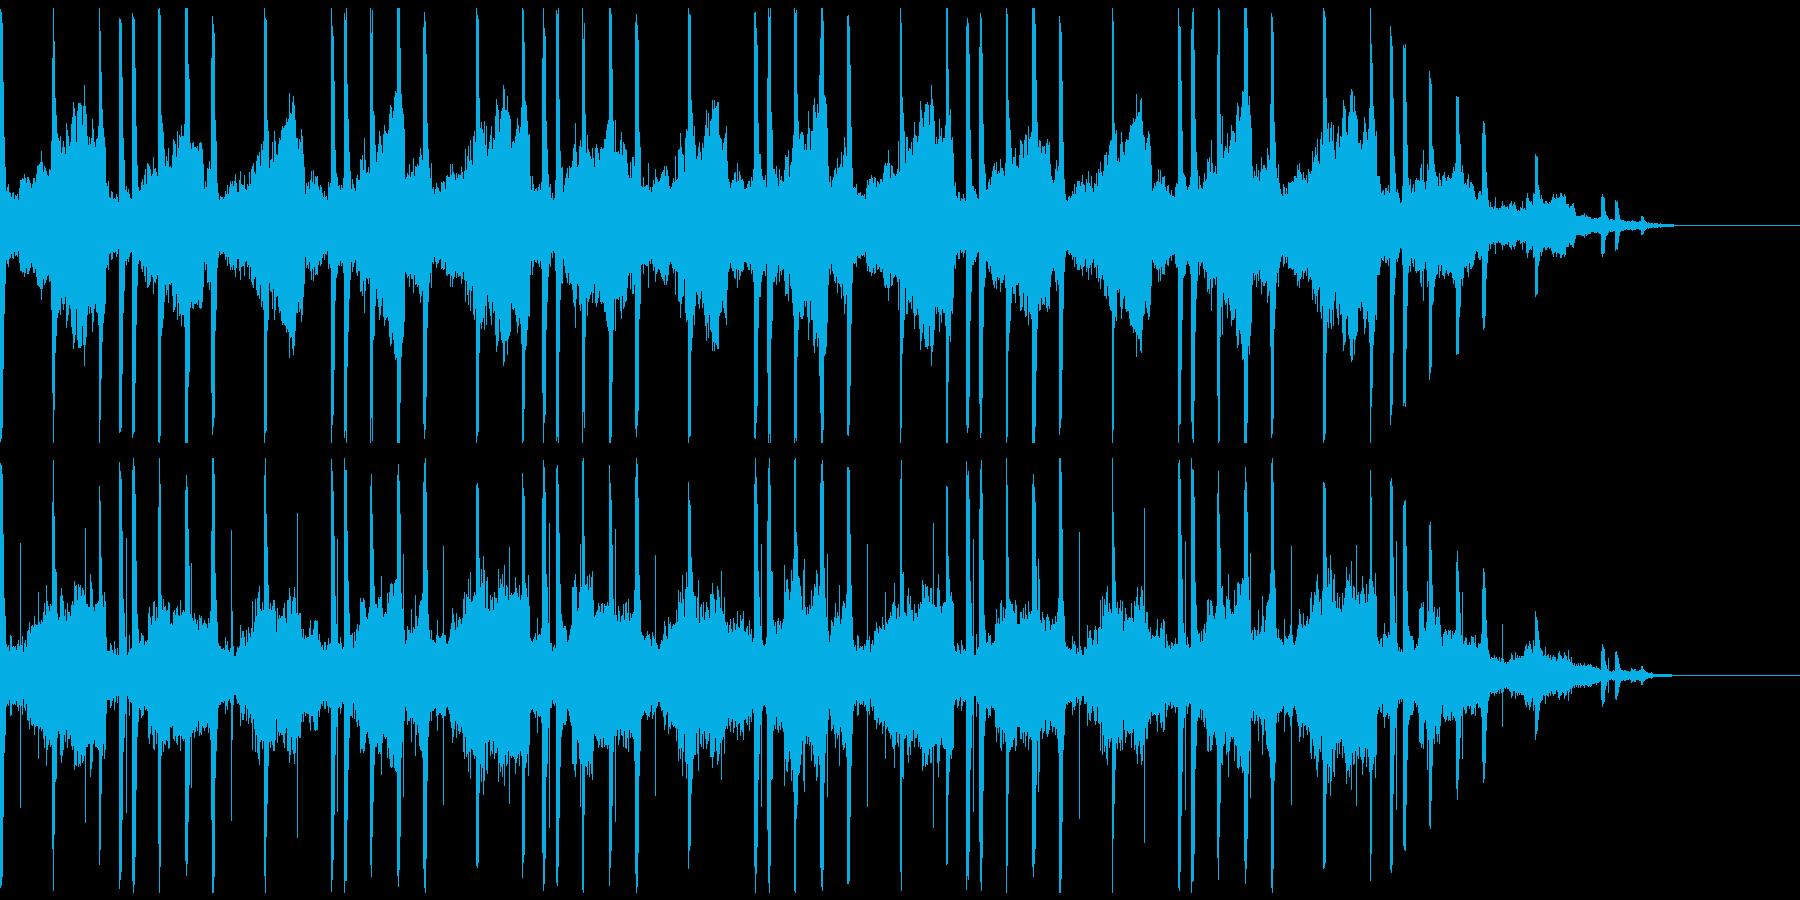 アンニュイな雰囲気なBGMの再生済みの波形